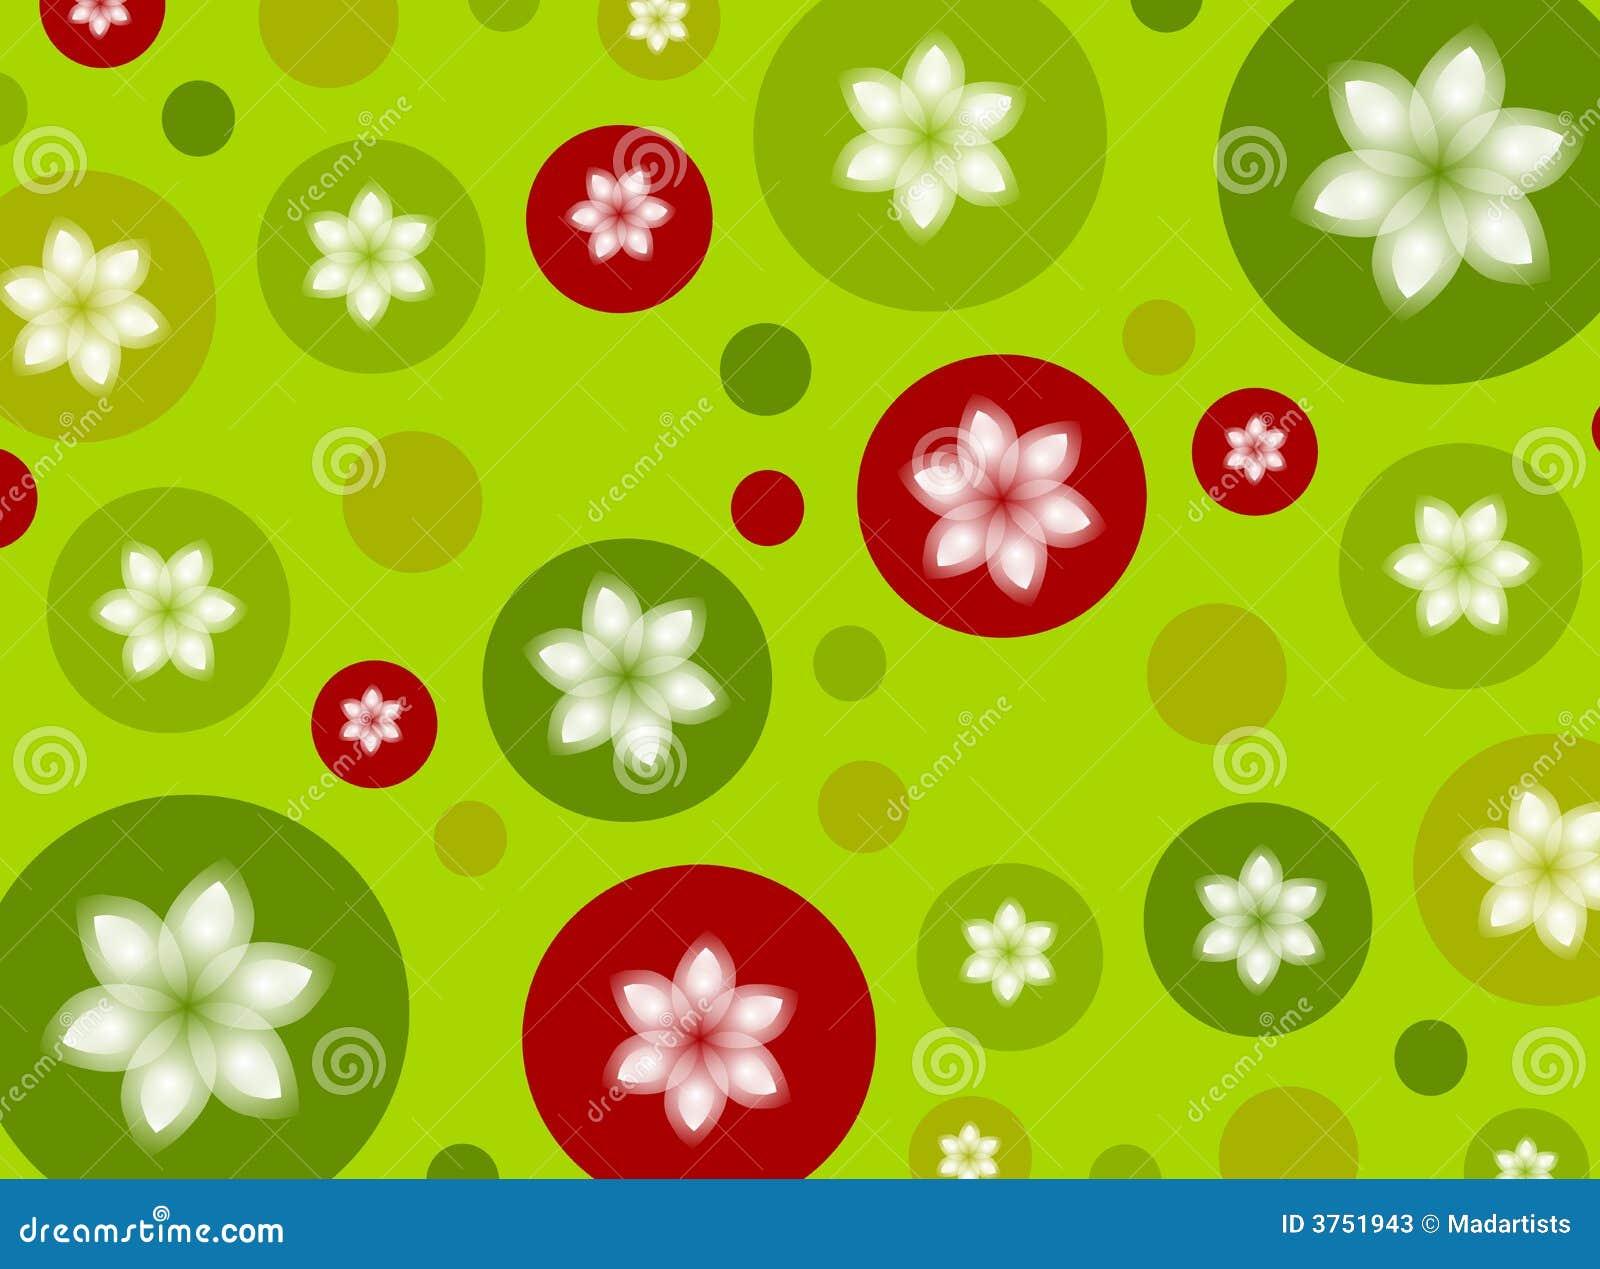 Christmas Polka Dot Poinsettia Background Stock Photos - Image ...